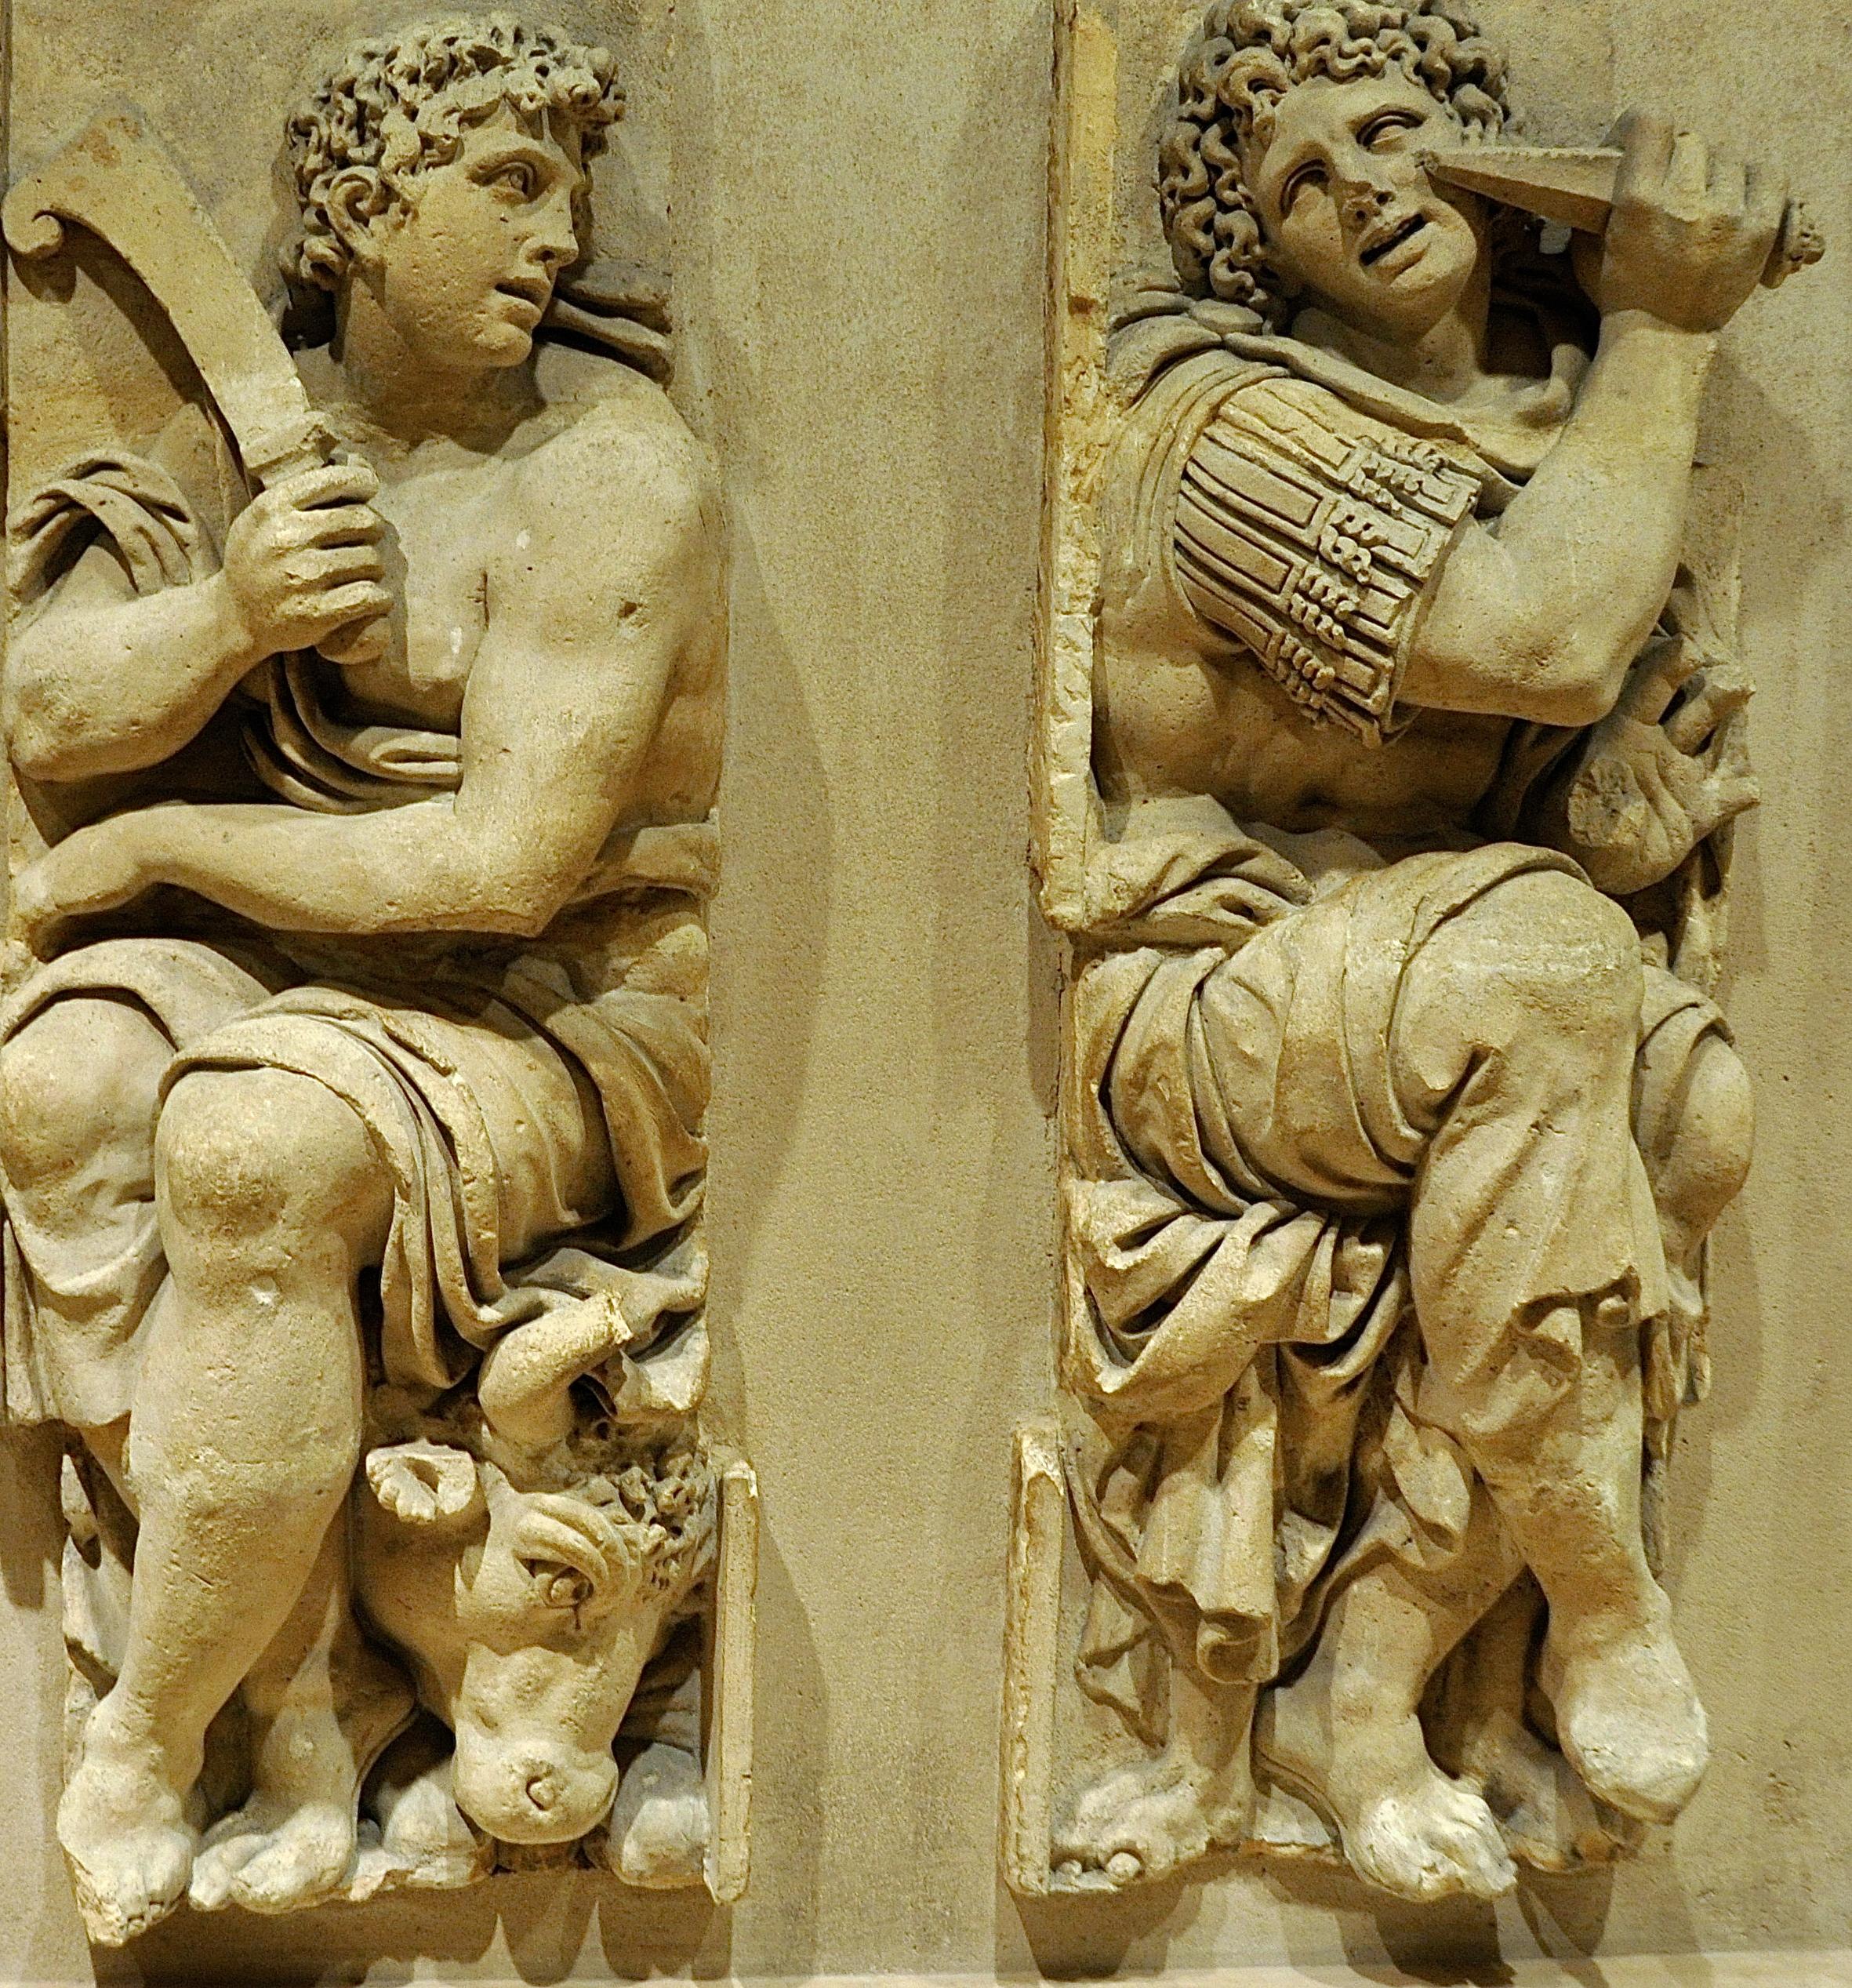 Sculptures de Jean Goujon (16ème siècle), Le Louvre, Paris